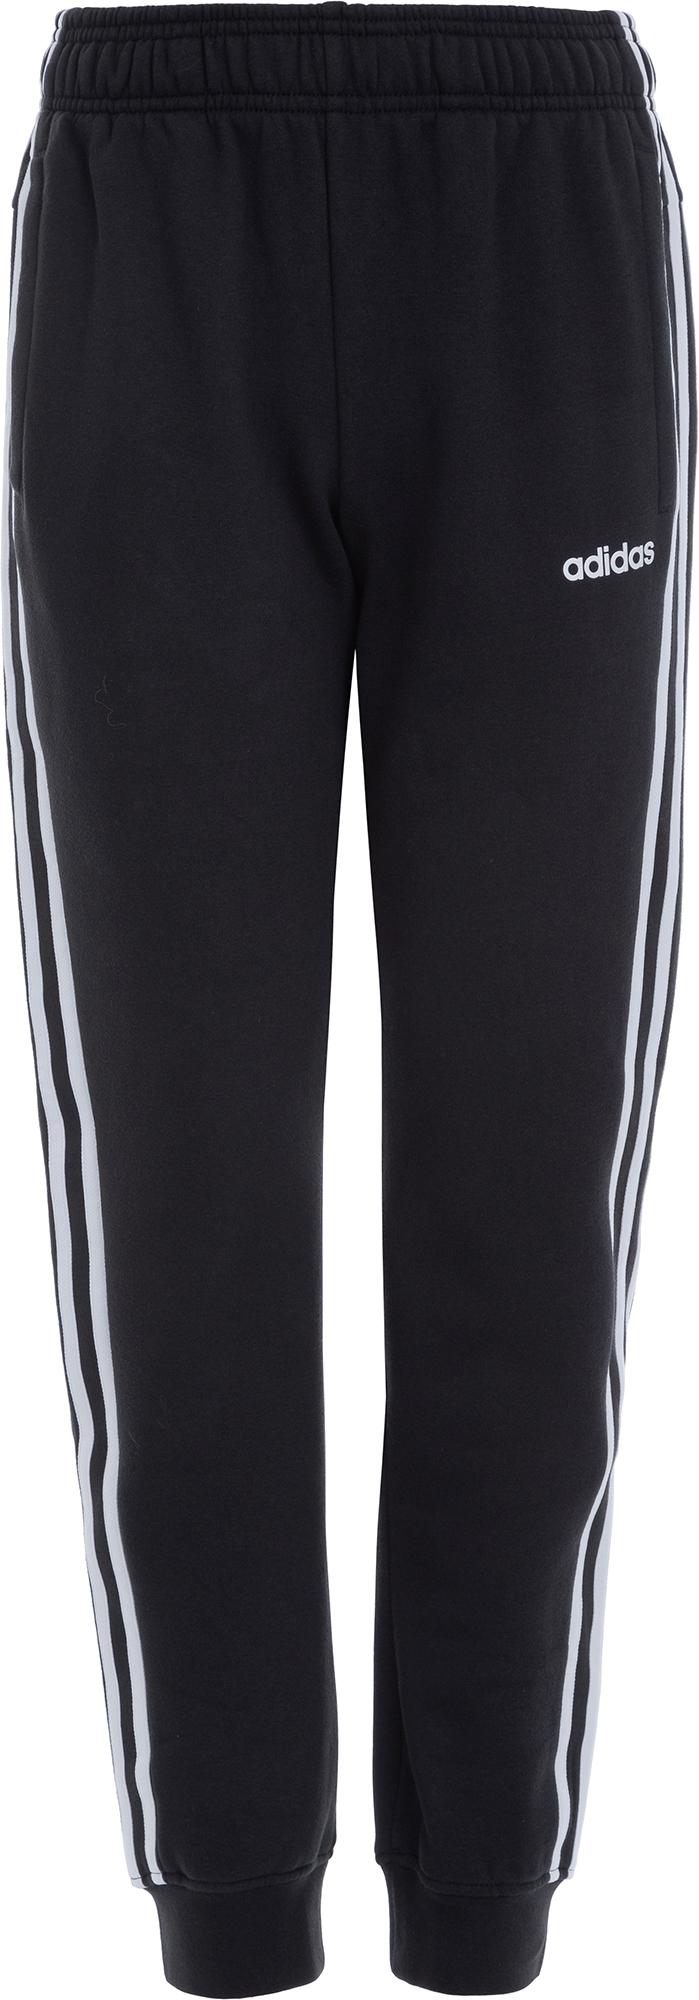 Adidas Брюки для мальчиков Adidas Essentials 3-stripes, размер 128 adidas легинсы для девочек adidas essentials 3 stripes размер 128